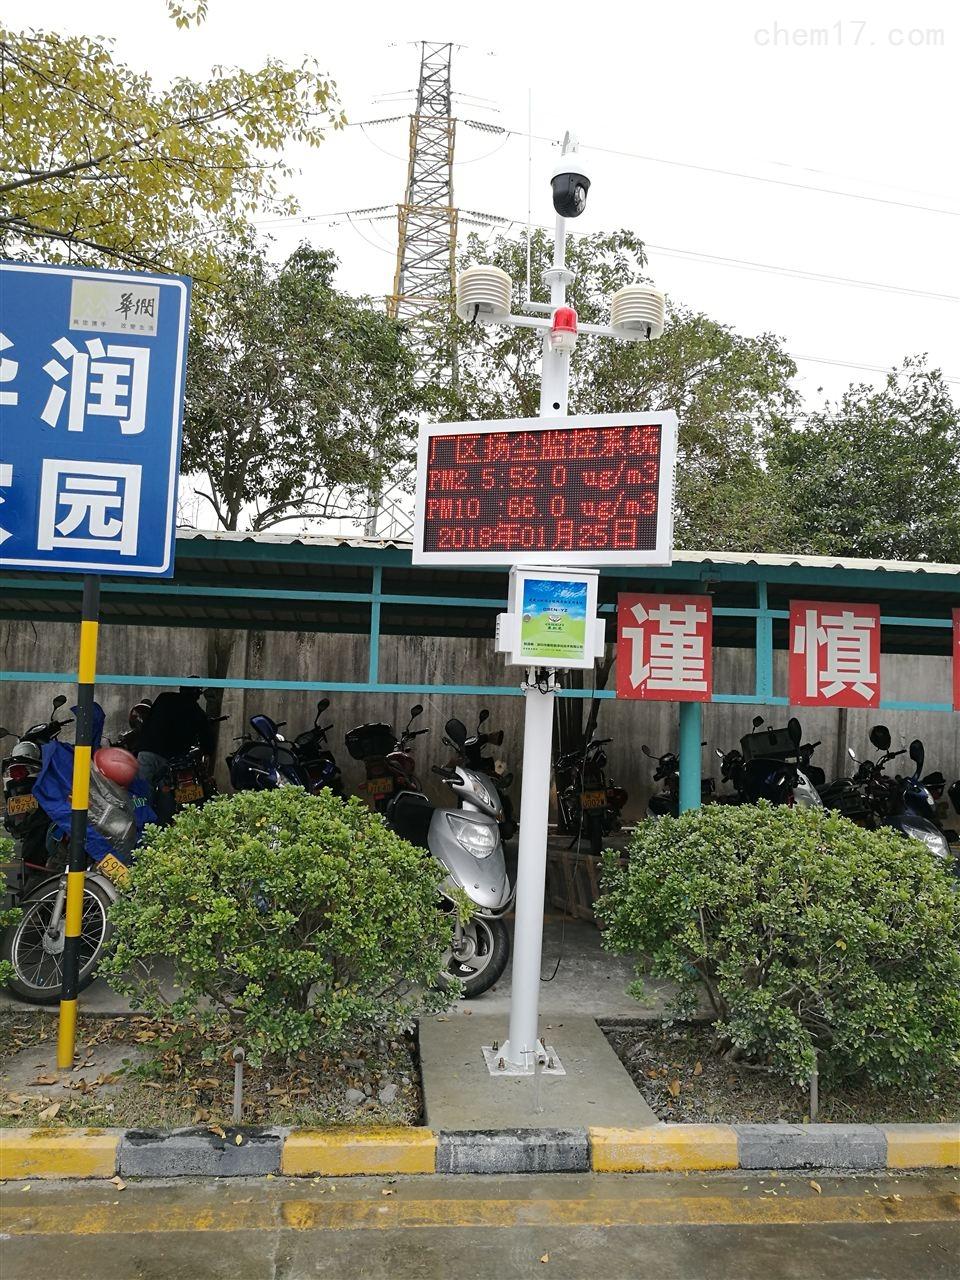 荆州奥斯恩扬尘在线监测设施包1年流量套餐